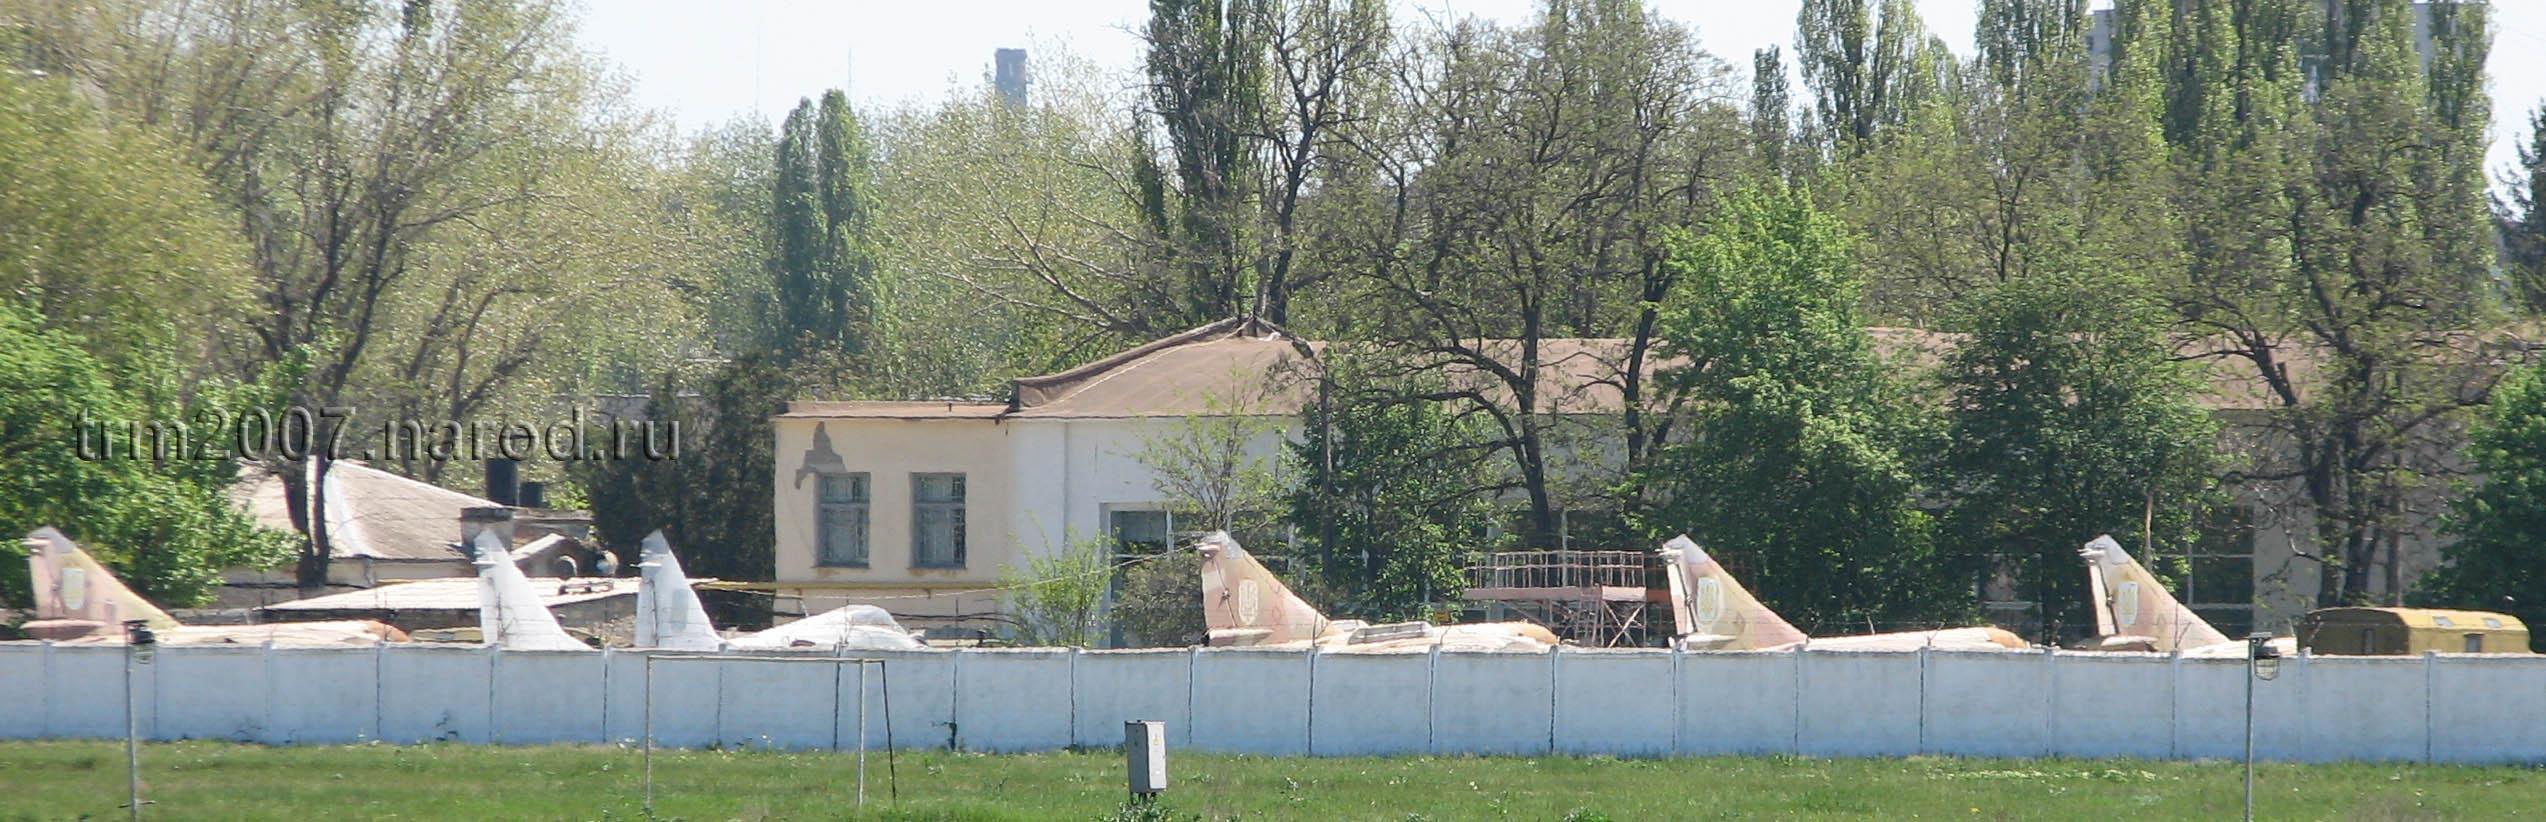 Авиаремонтный завод в Одессе